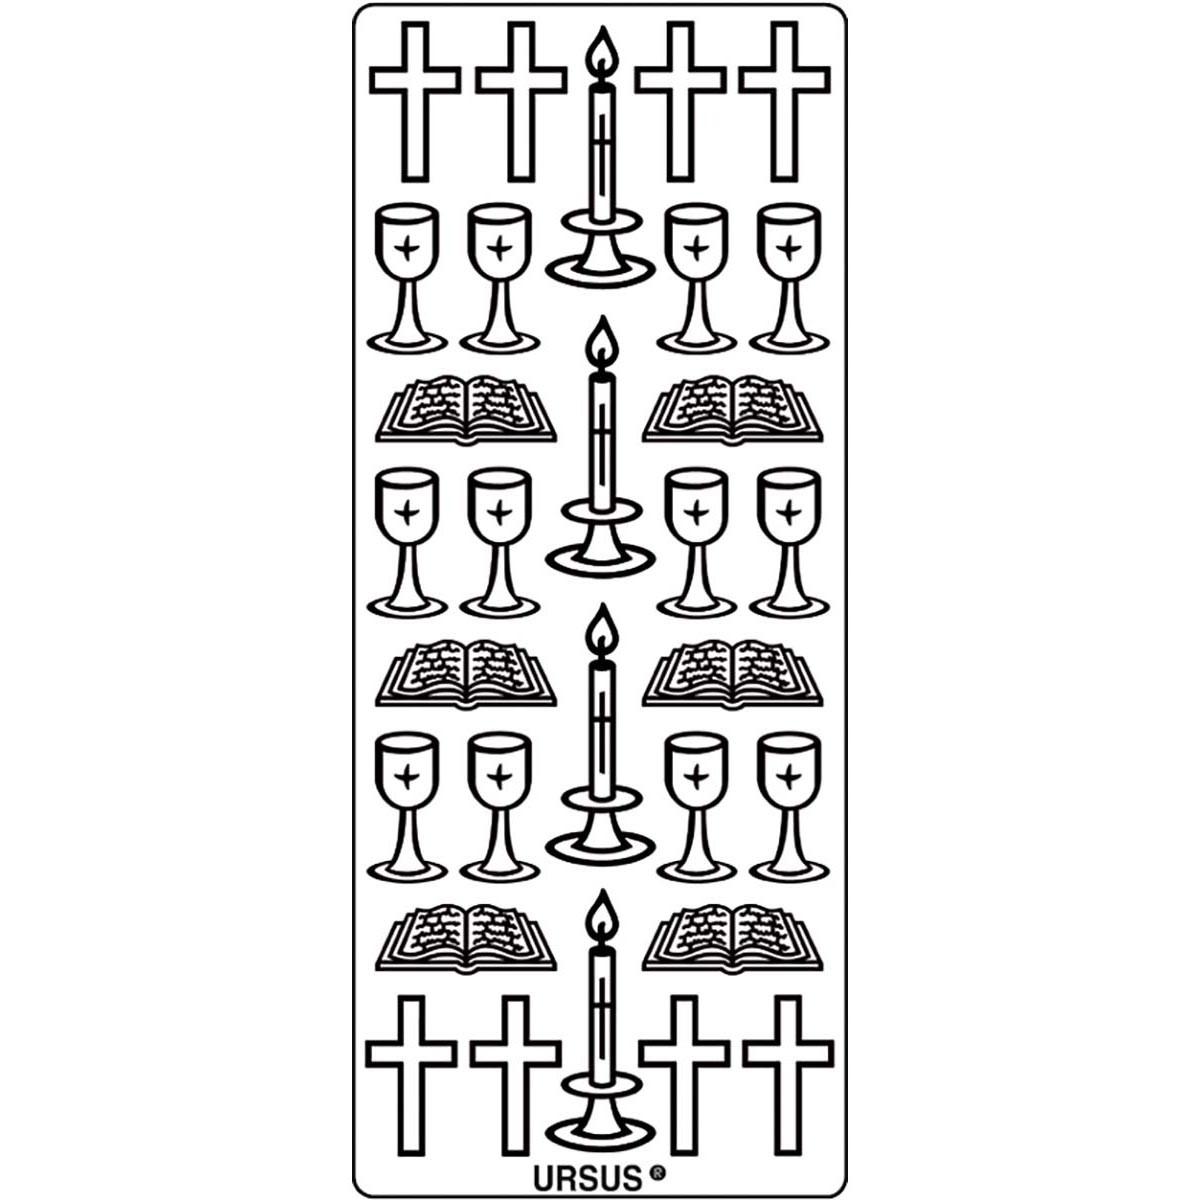 Schön Elektrisches Hausdiagramm Galerie - Verdrahtungsideen - korsmi ...